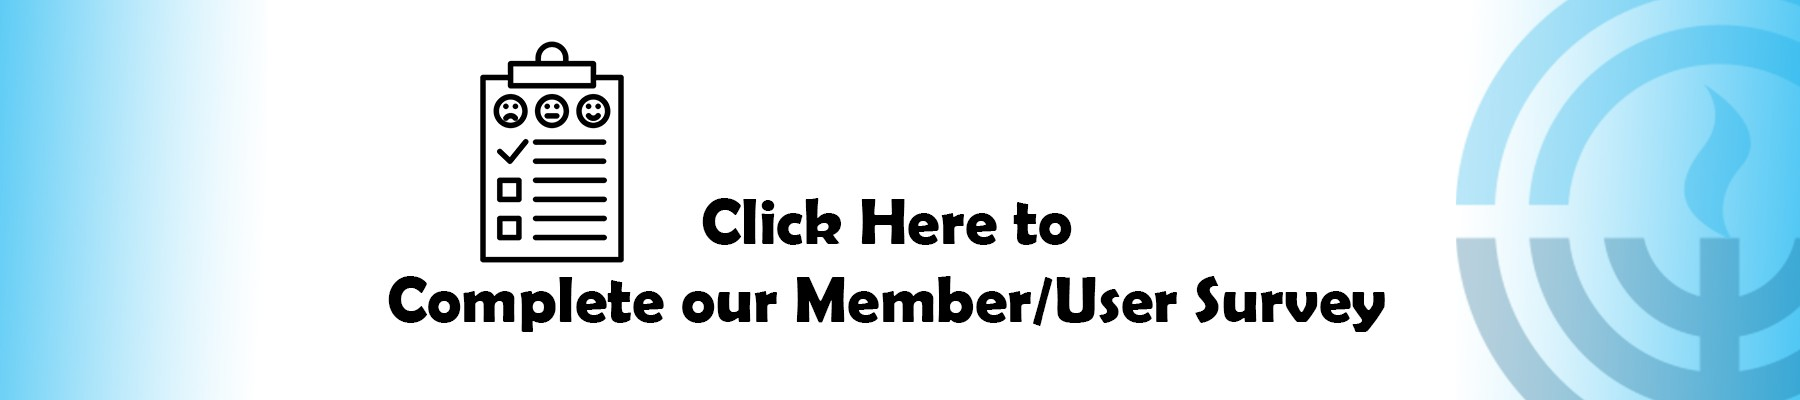 Member Survey - Slider.jpg